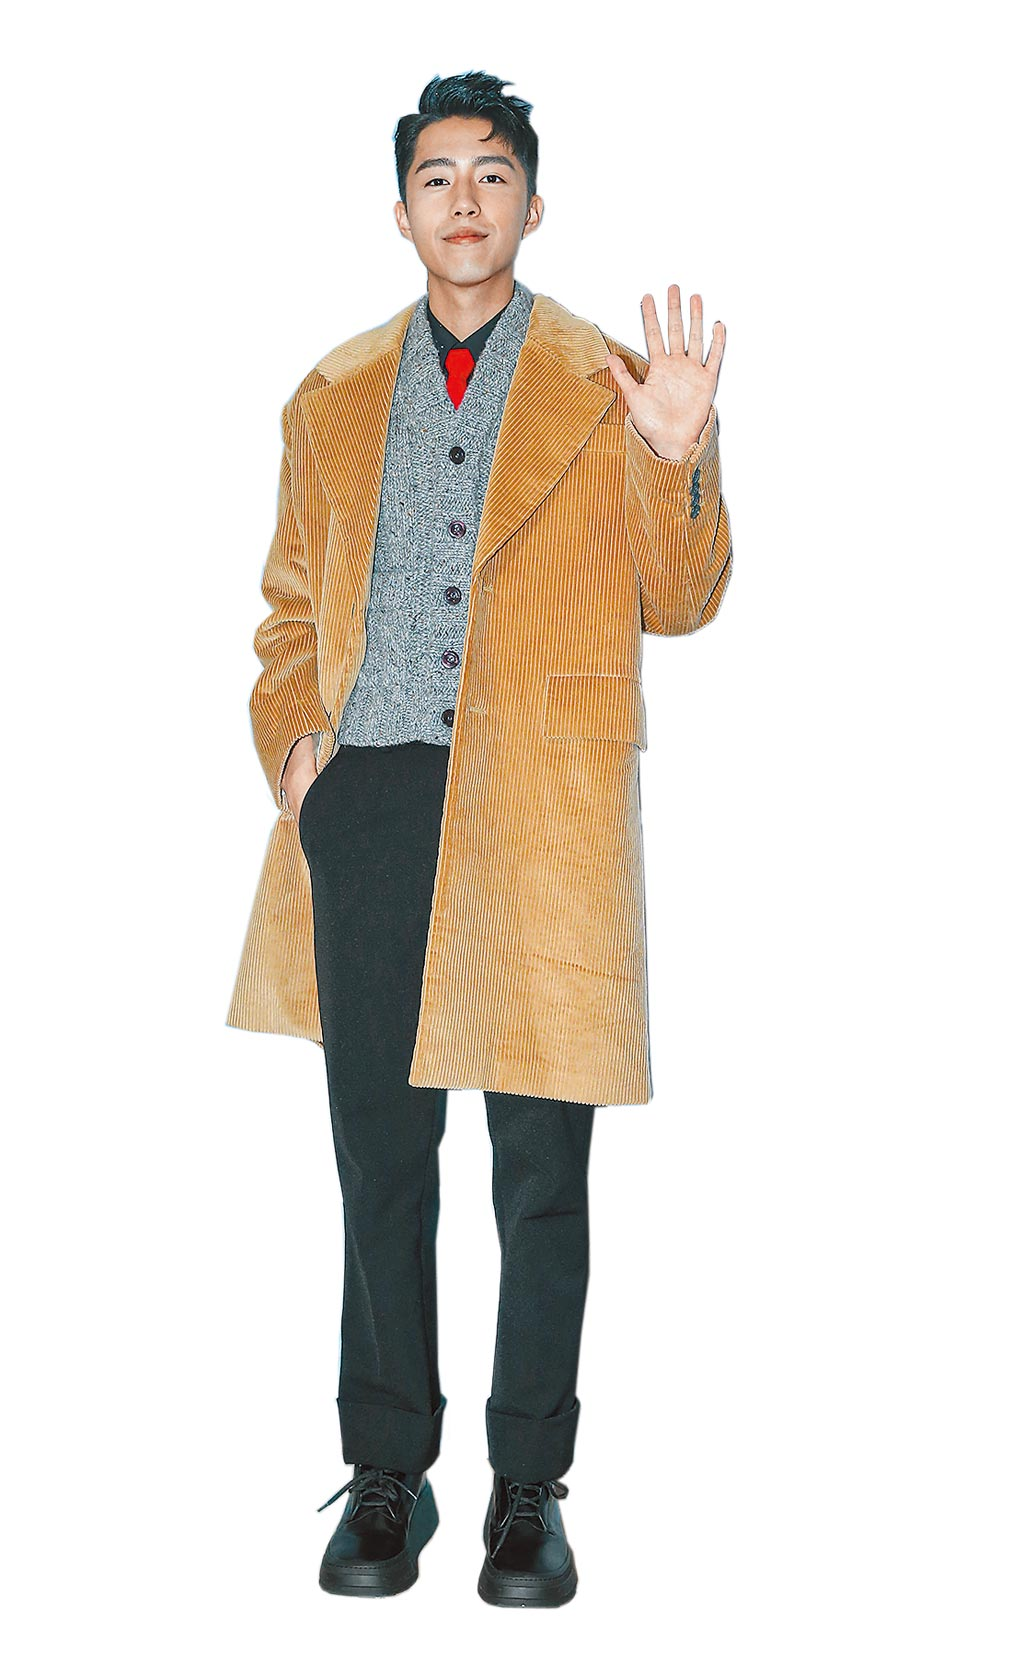 蔡凡熙身著Prada登場,駝色長版大衣10萬5000元、無袖針織毛衣4萬1500元、黑色襯衫2萬6000元、黑色長褲3萬7500元、黑色皮鞋3萬500元、紅色領帶7200元。(粘耿豪攝)